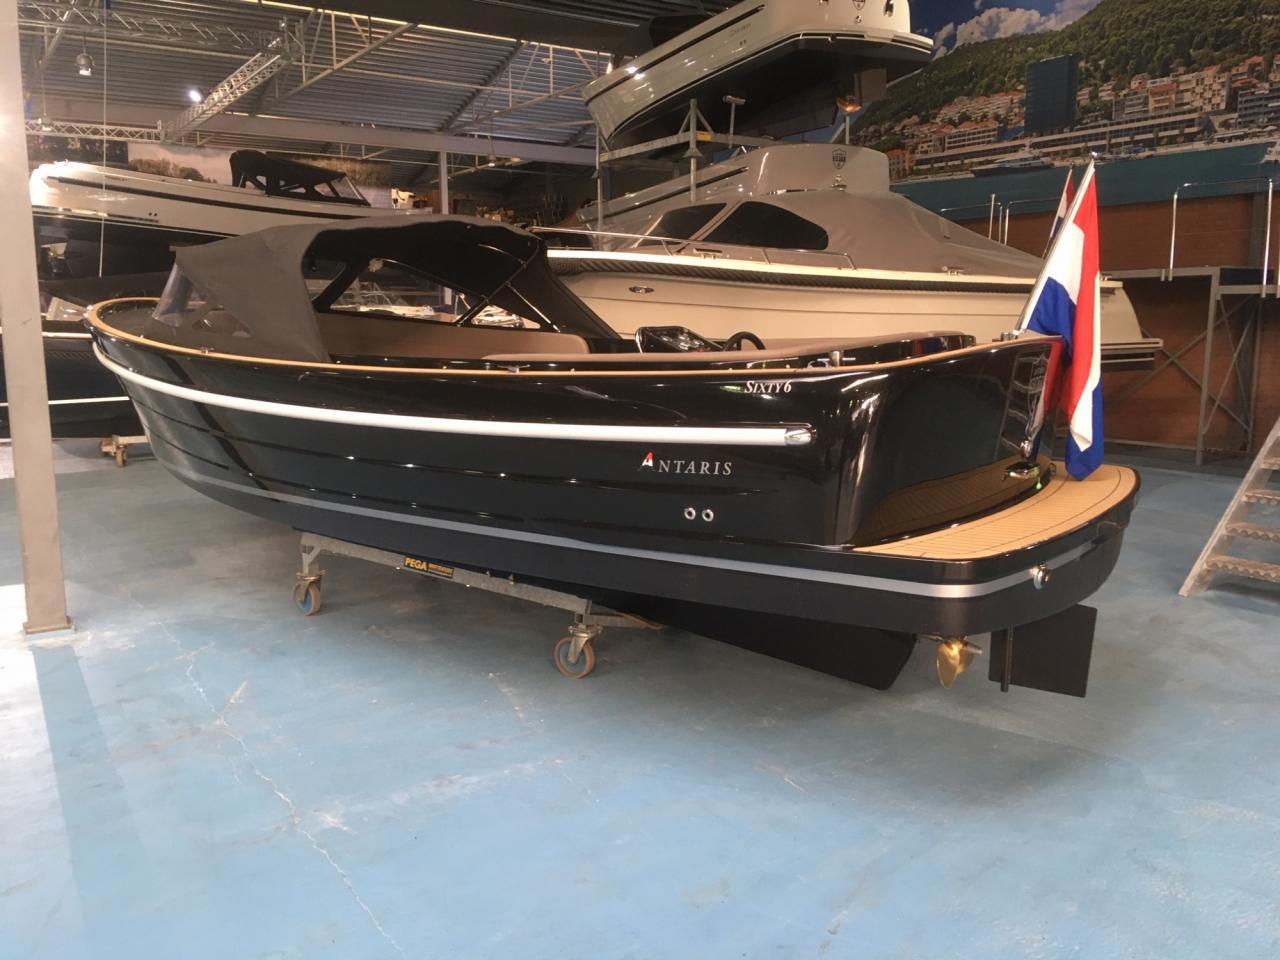 Antaris Sixty6 zwart met 52 pk Vetus 1